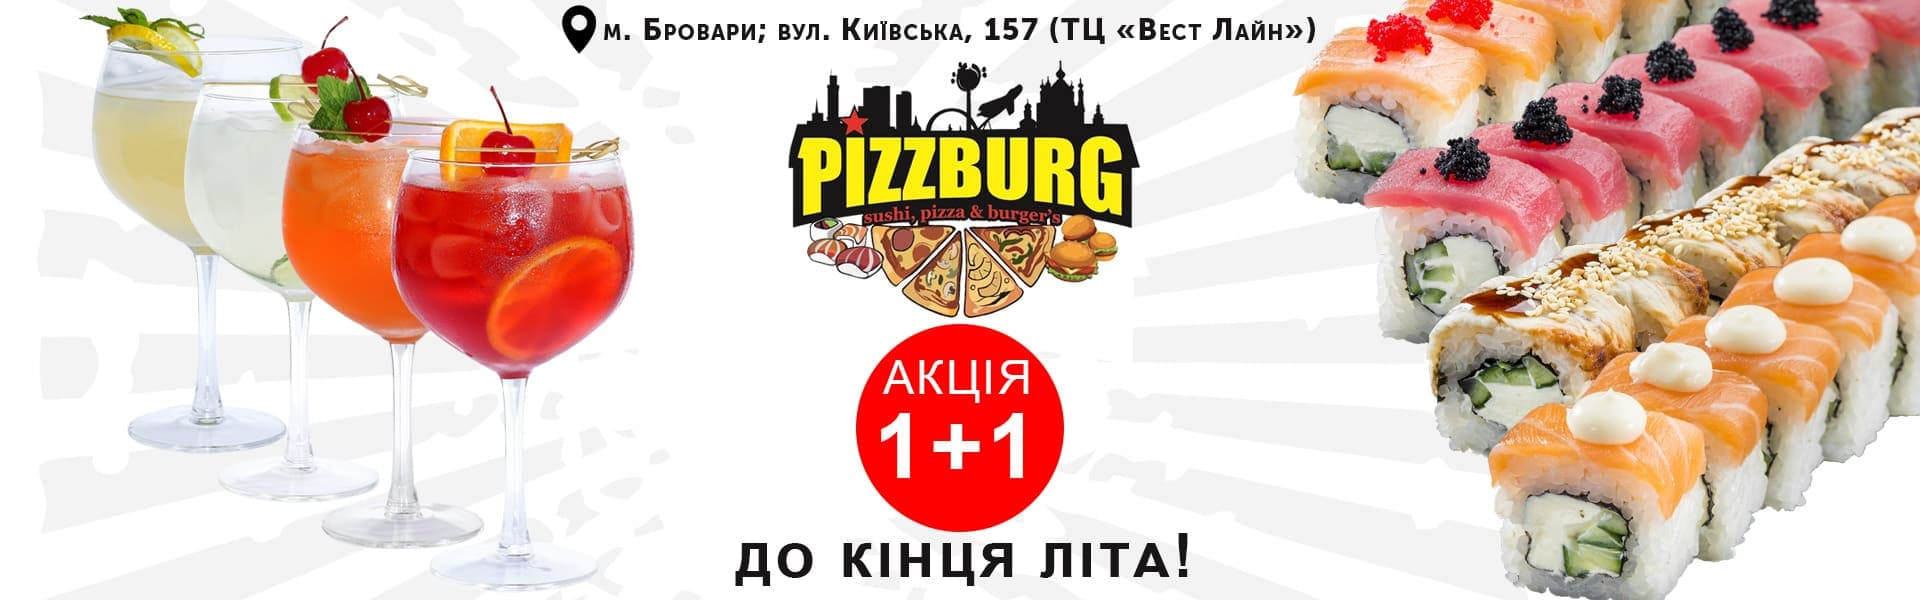 Фото - Акція 1+1 в ТЦ Вестлайн - Піццбург